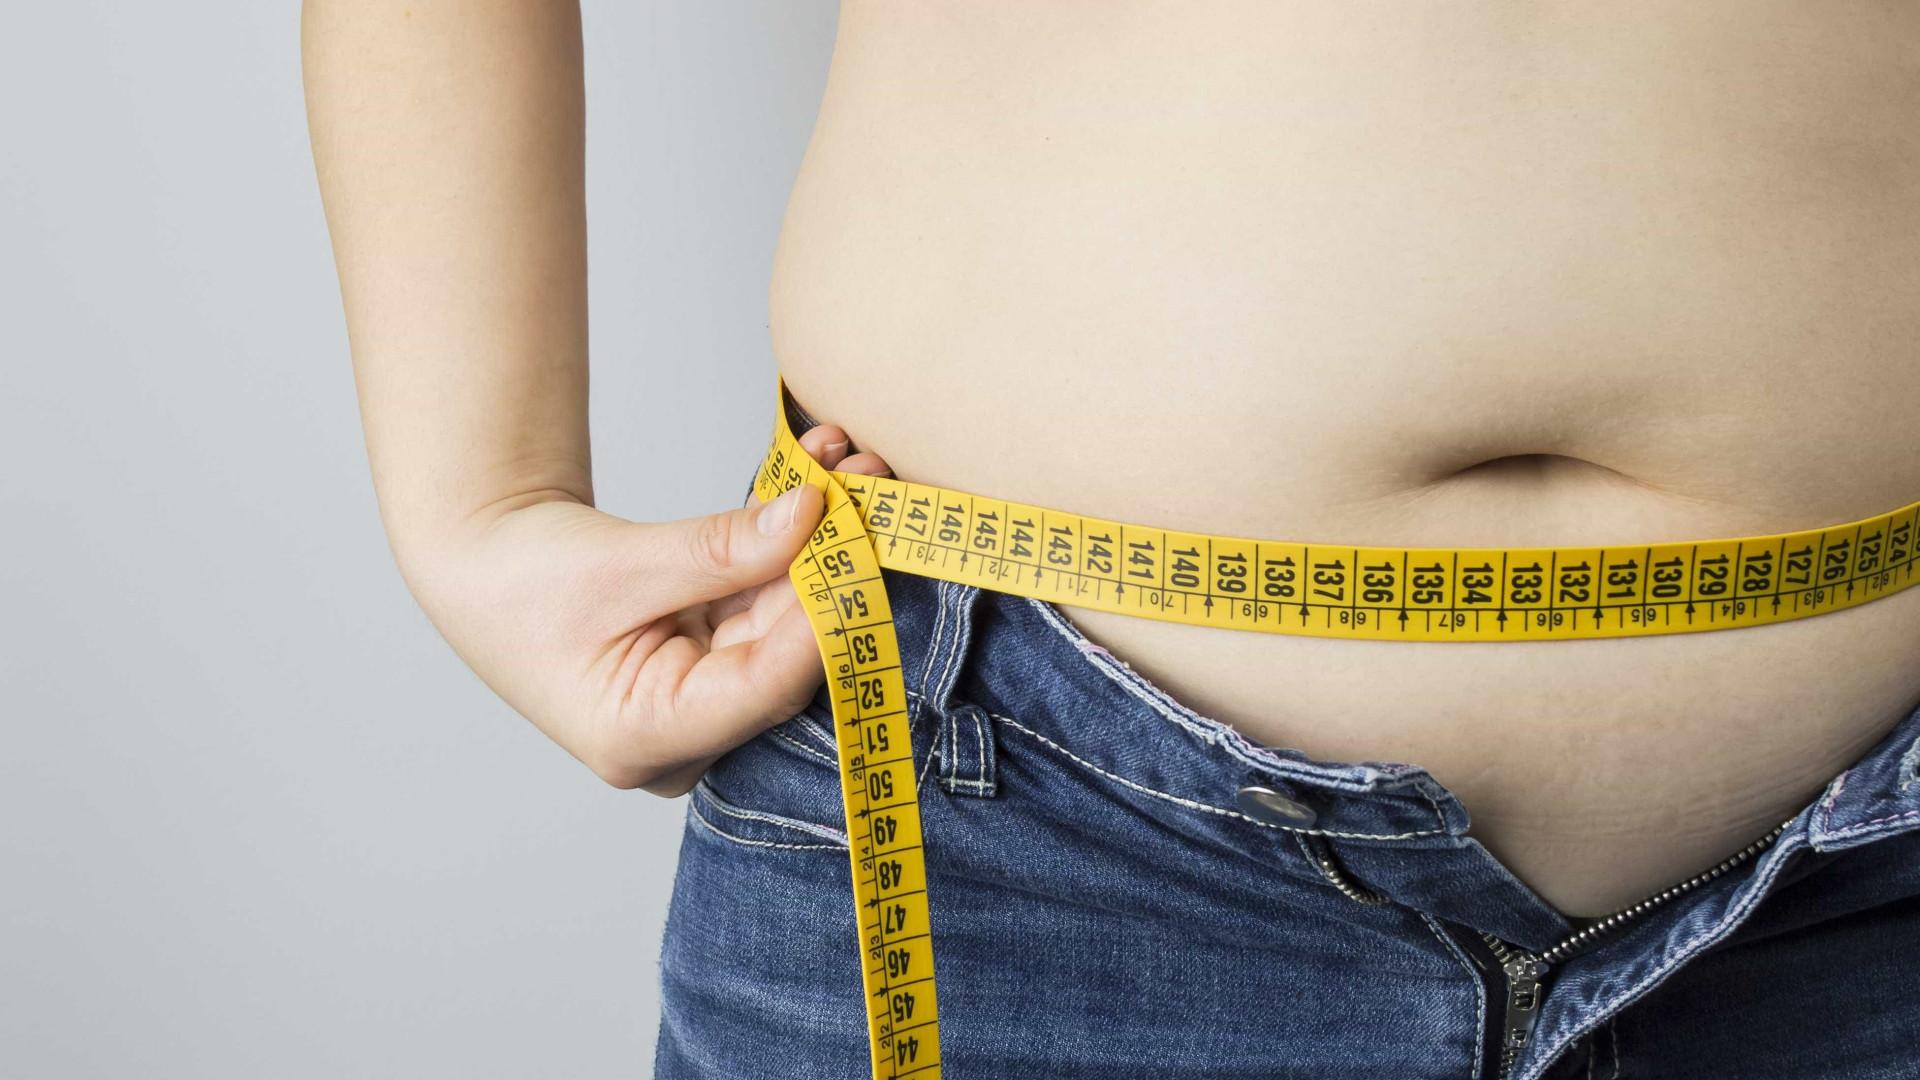 Descubra os 13 tipos de câncer causados pelo excesso de peso